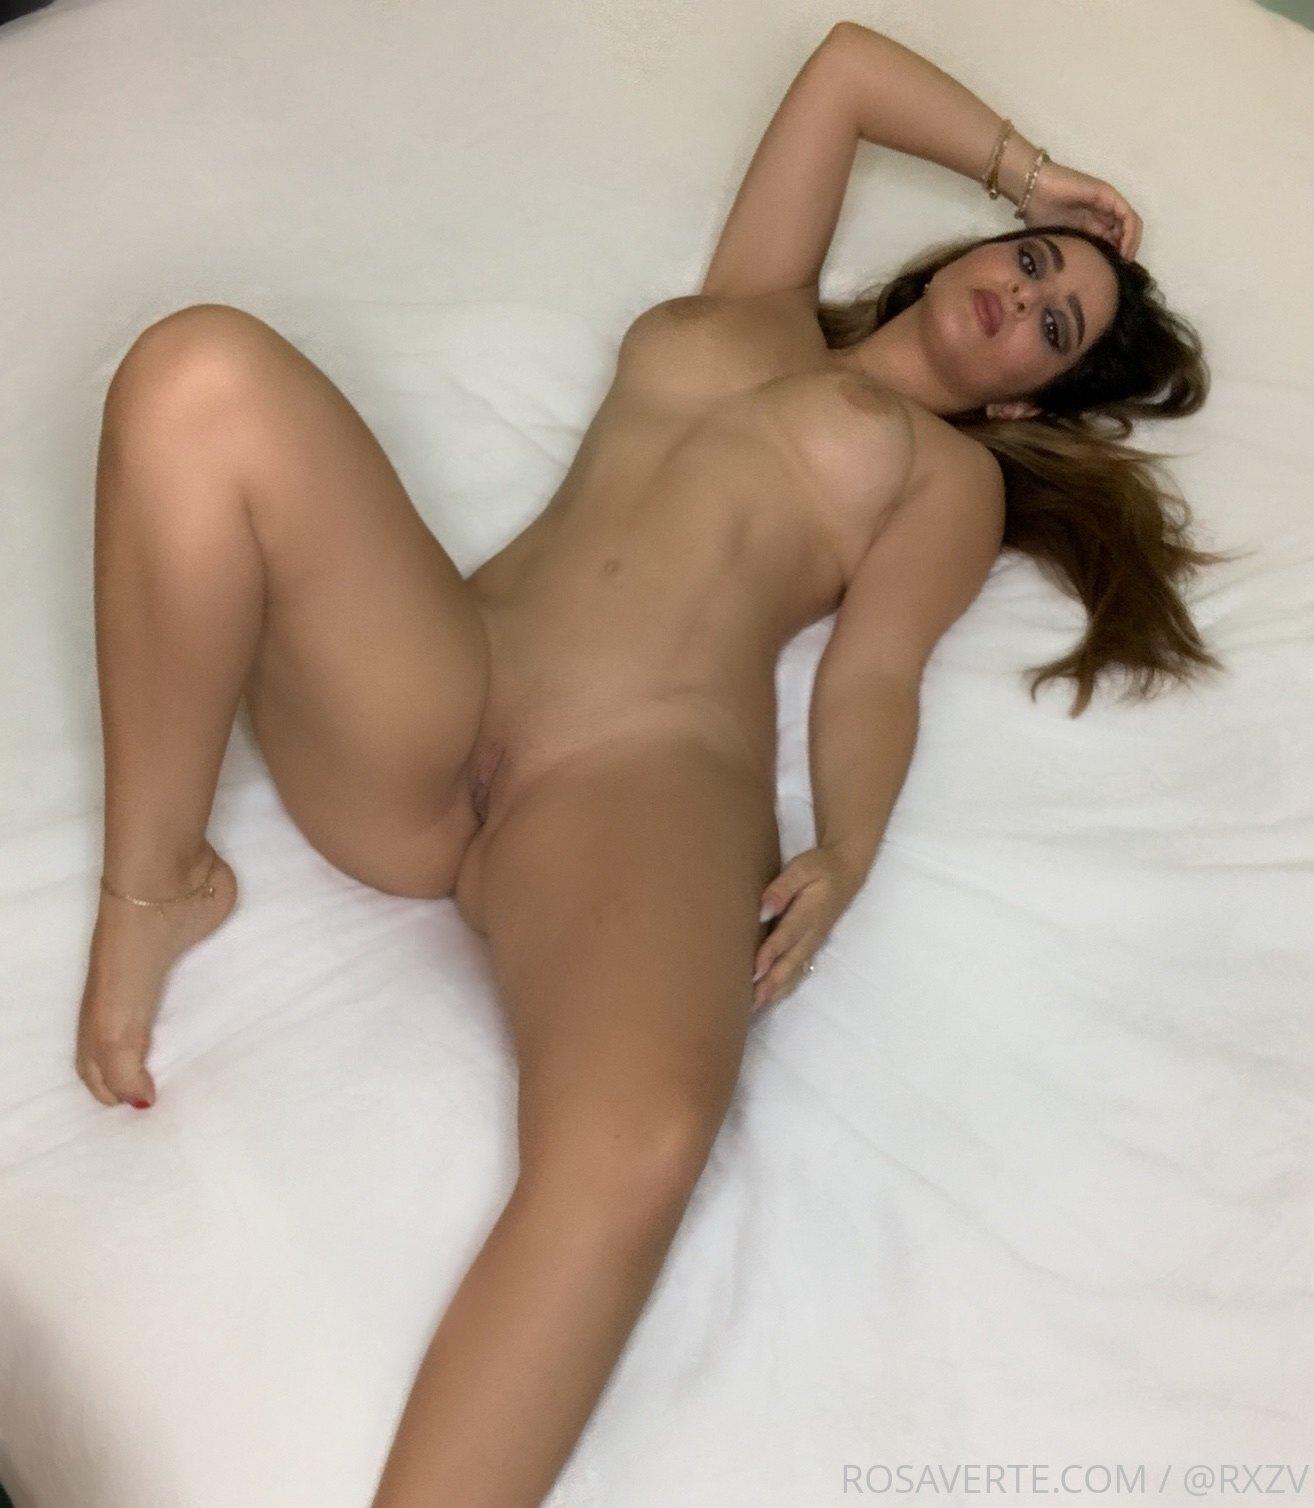 Rosa Verte Onlyfans 0034